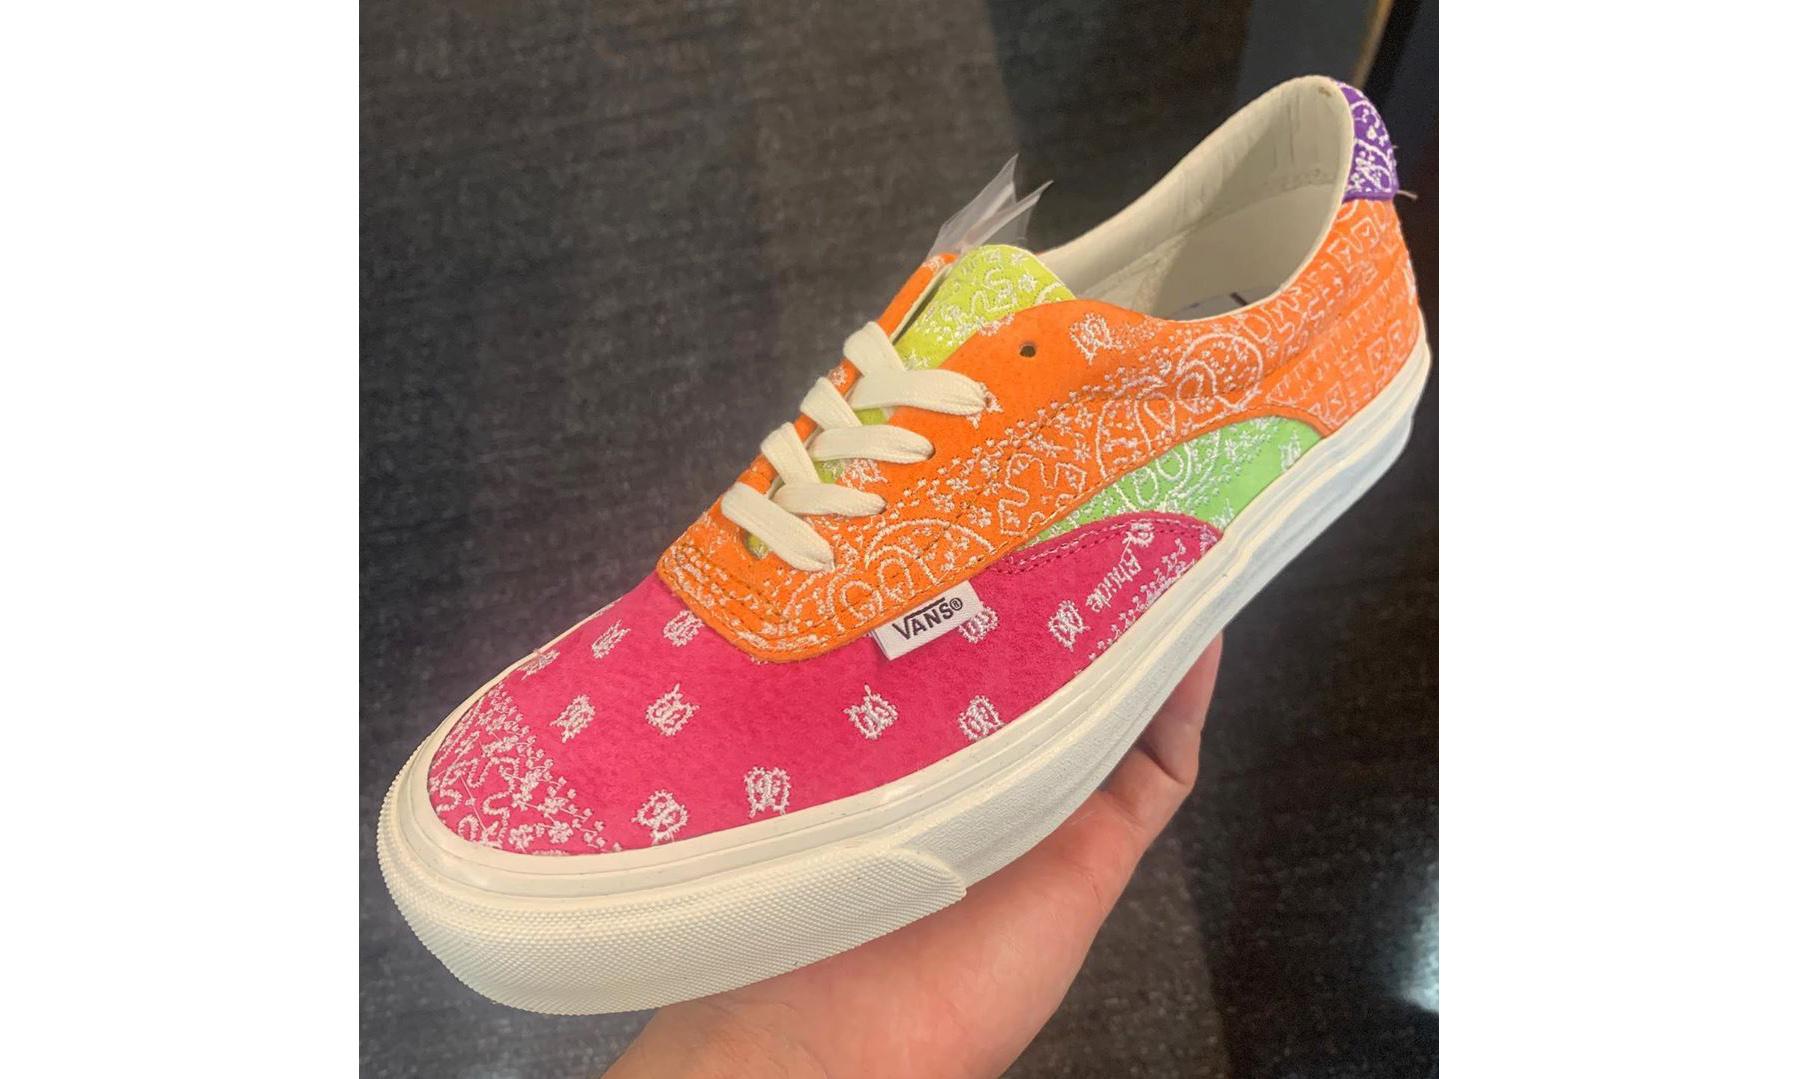 抢先预览 RHUDE x Vans 新一波联名鞋款